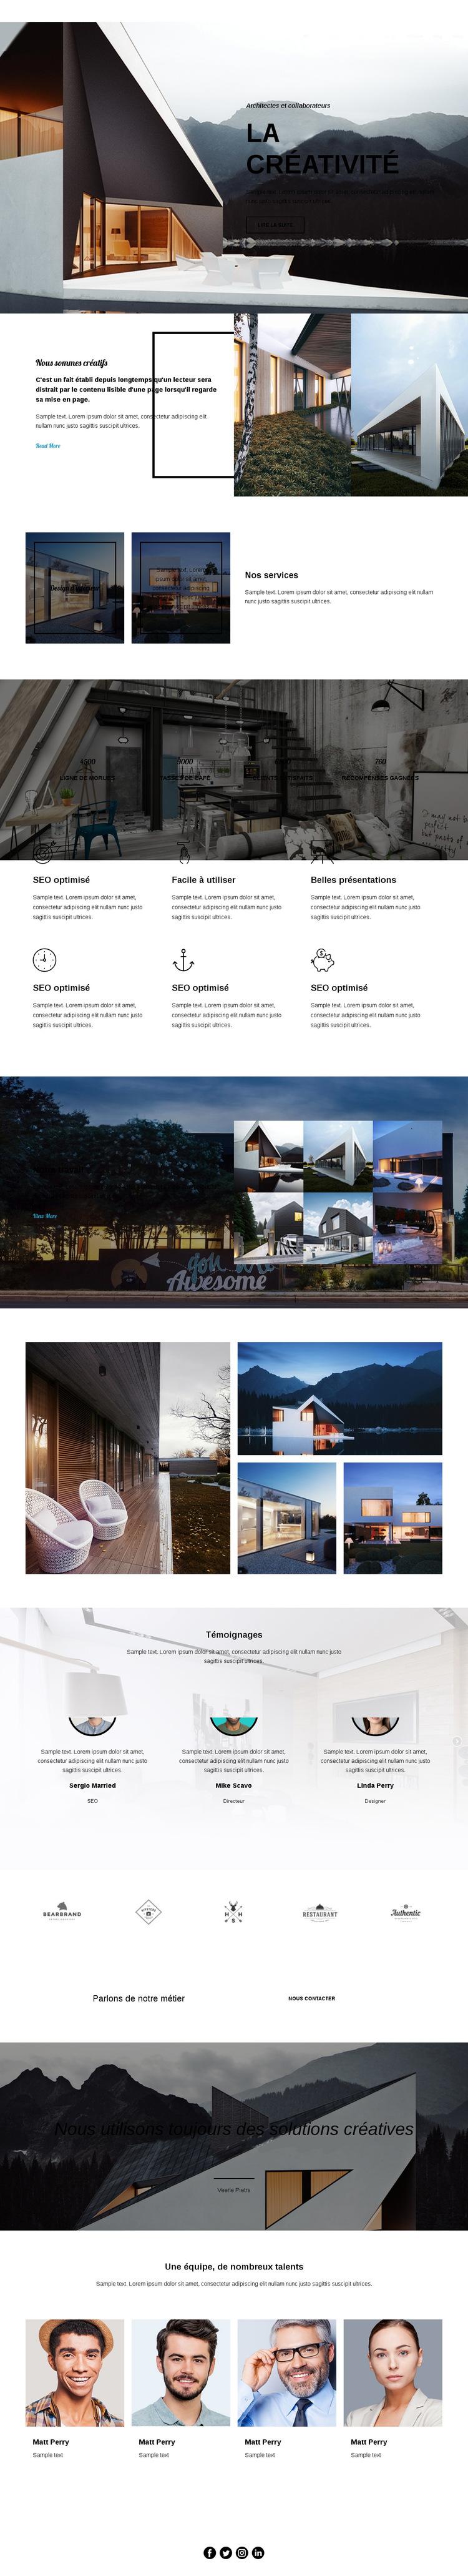 Créativité en architecture Modèle de site Web